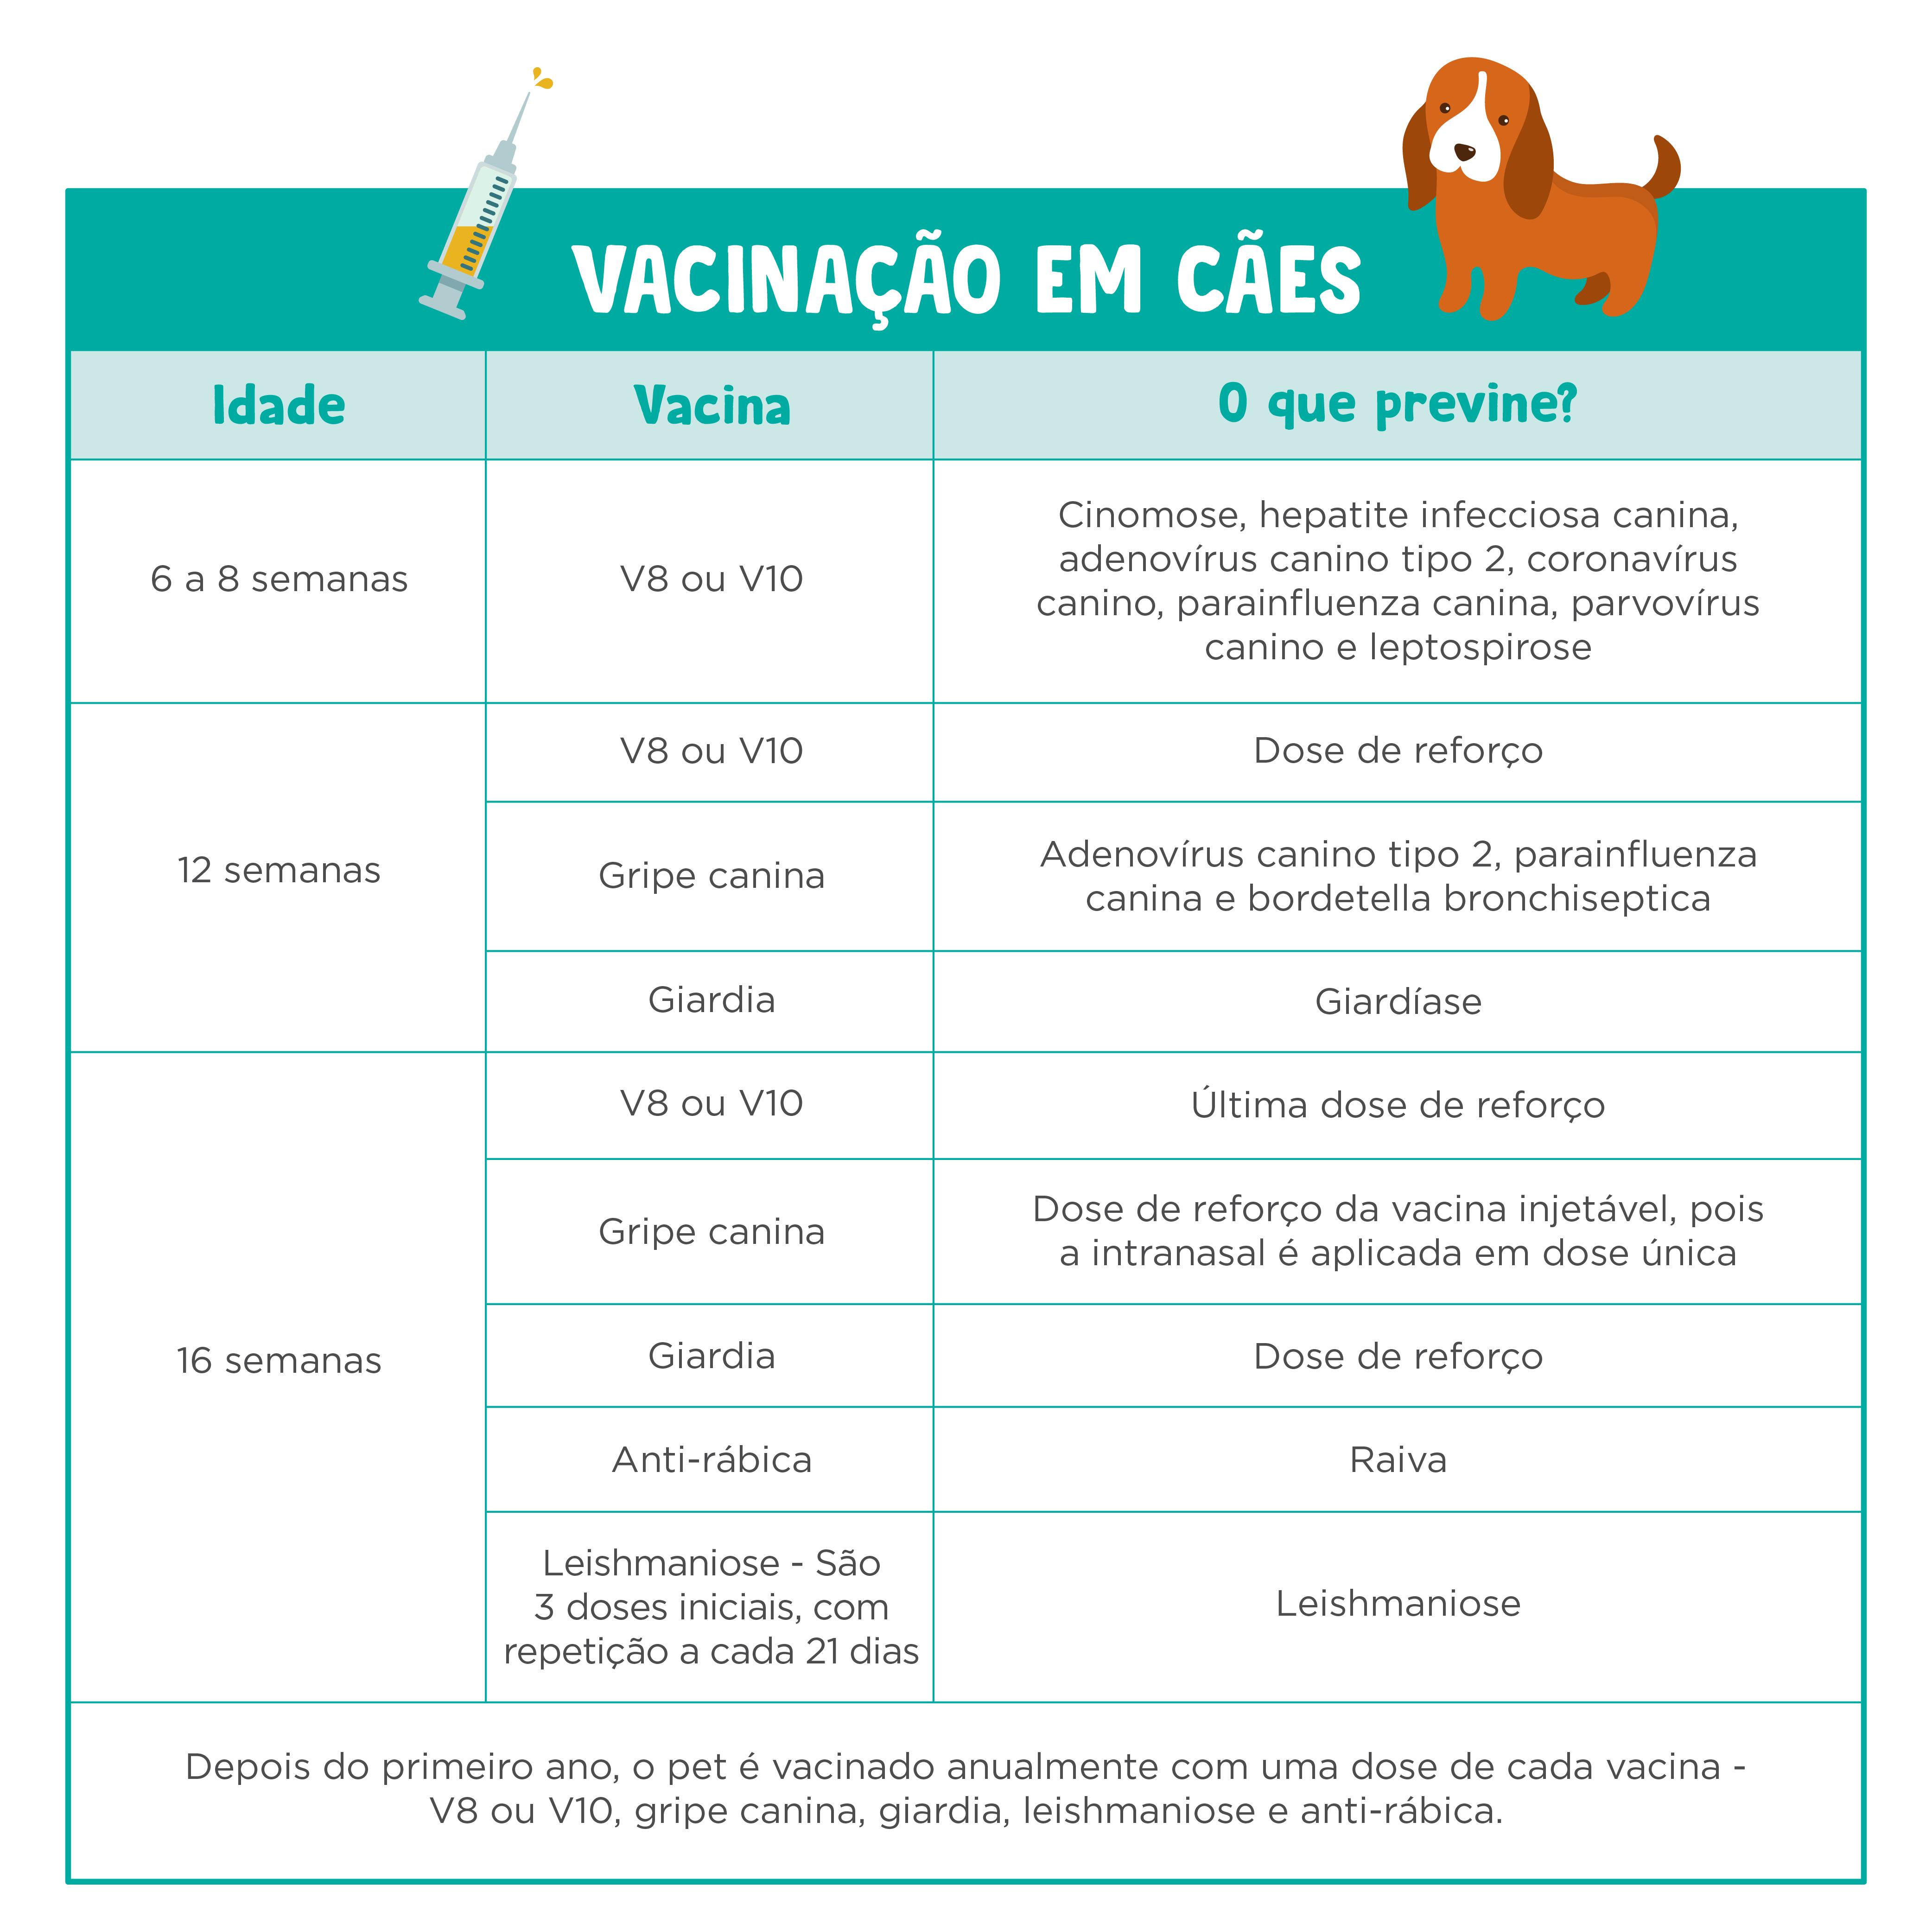 vp_tabela_artigo-vacinas_2-01_3